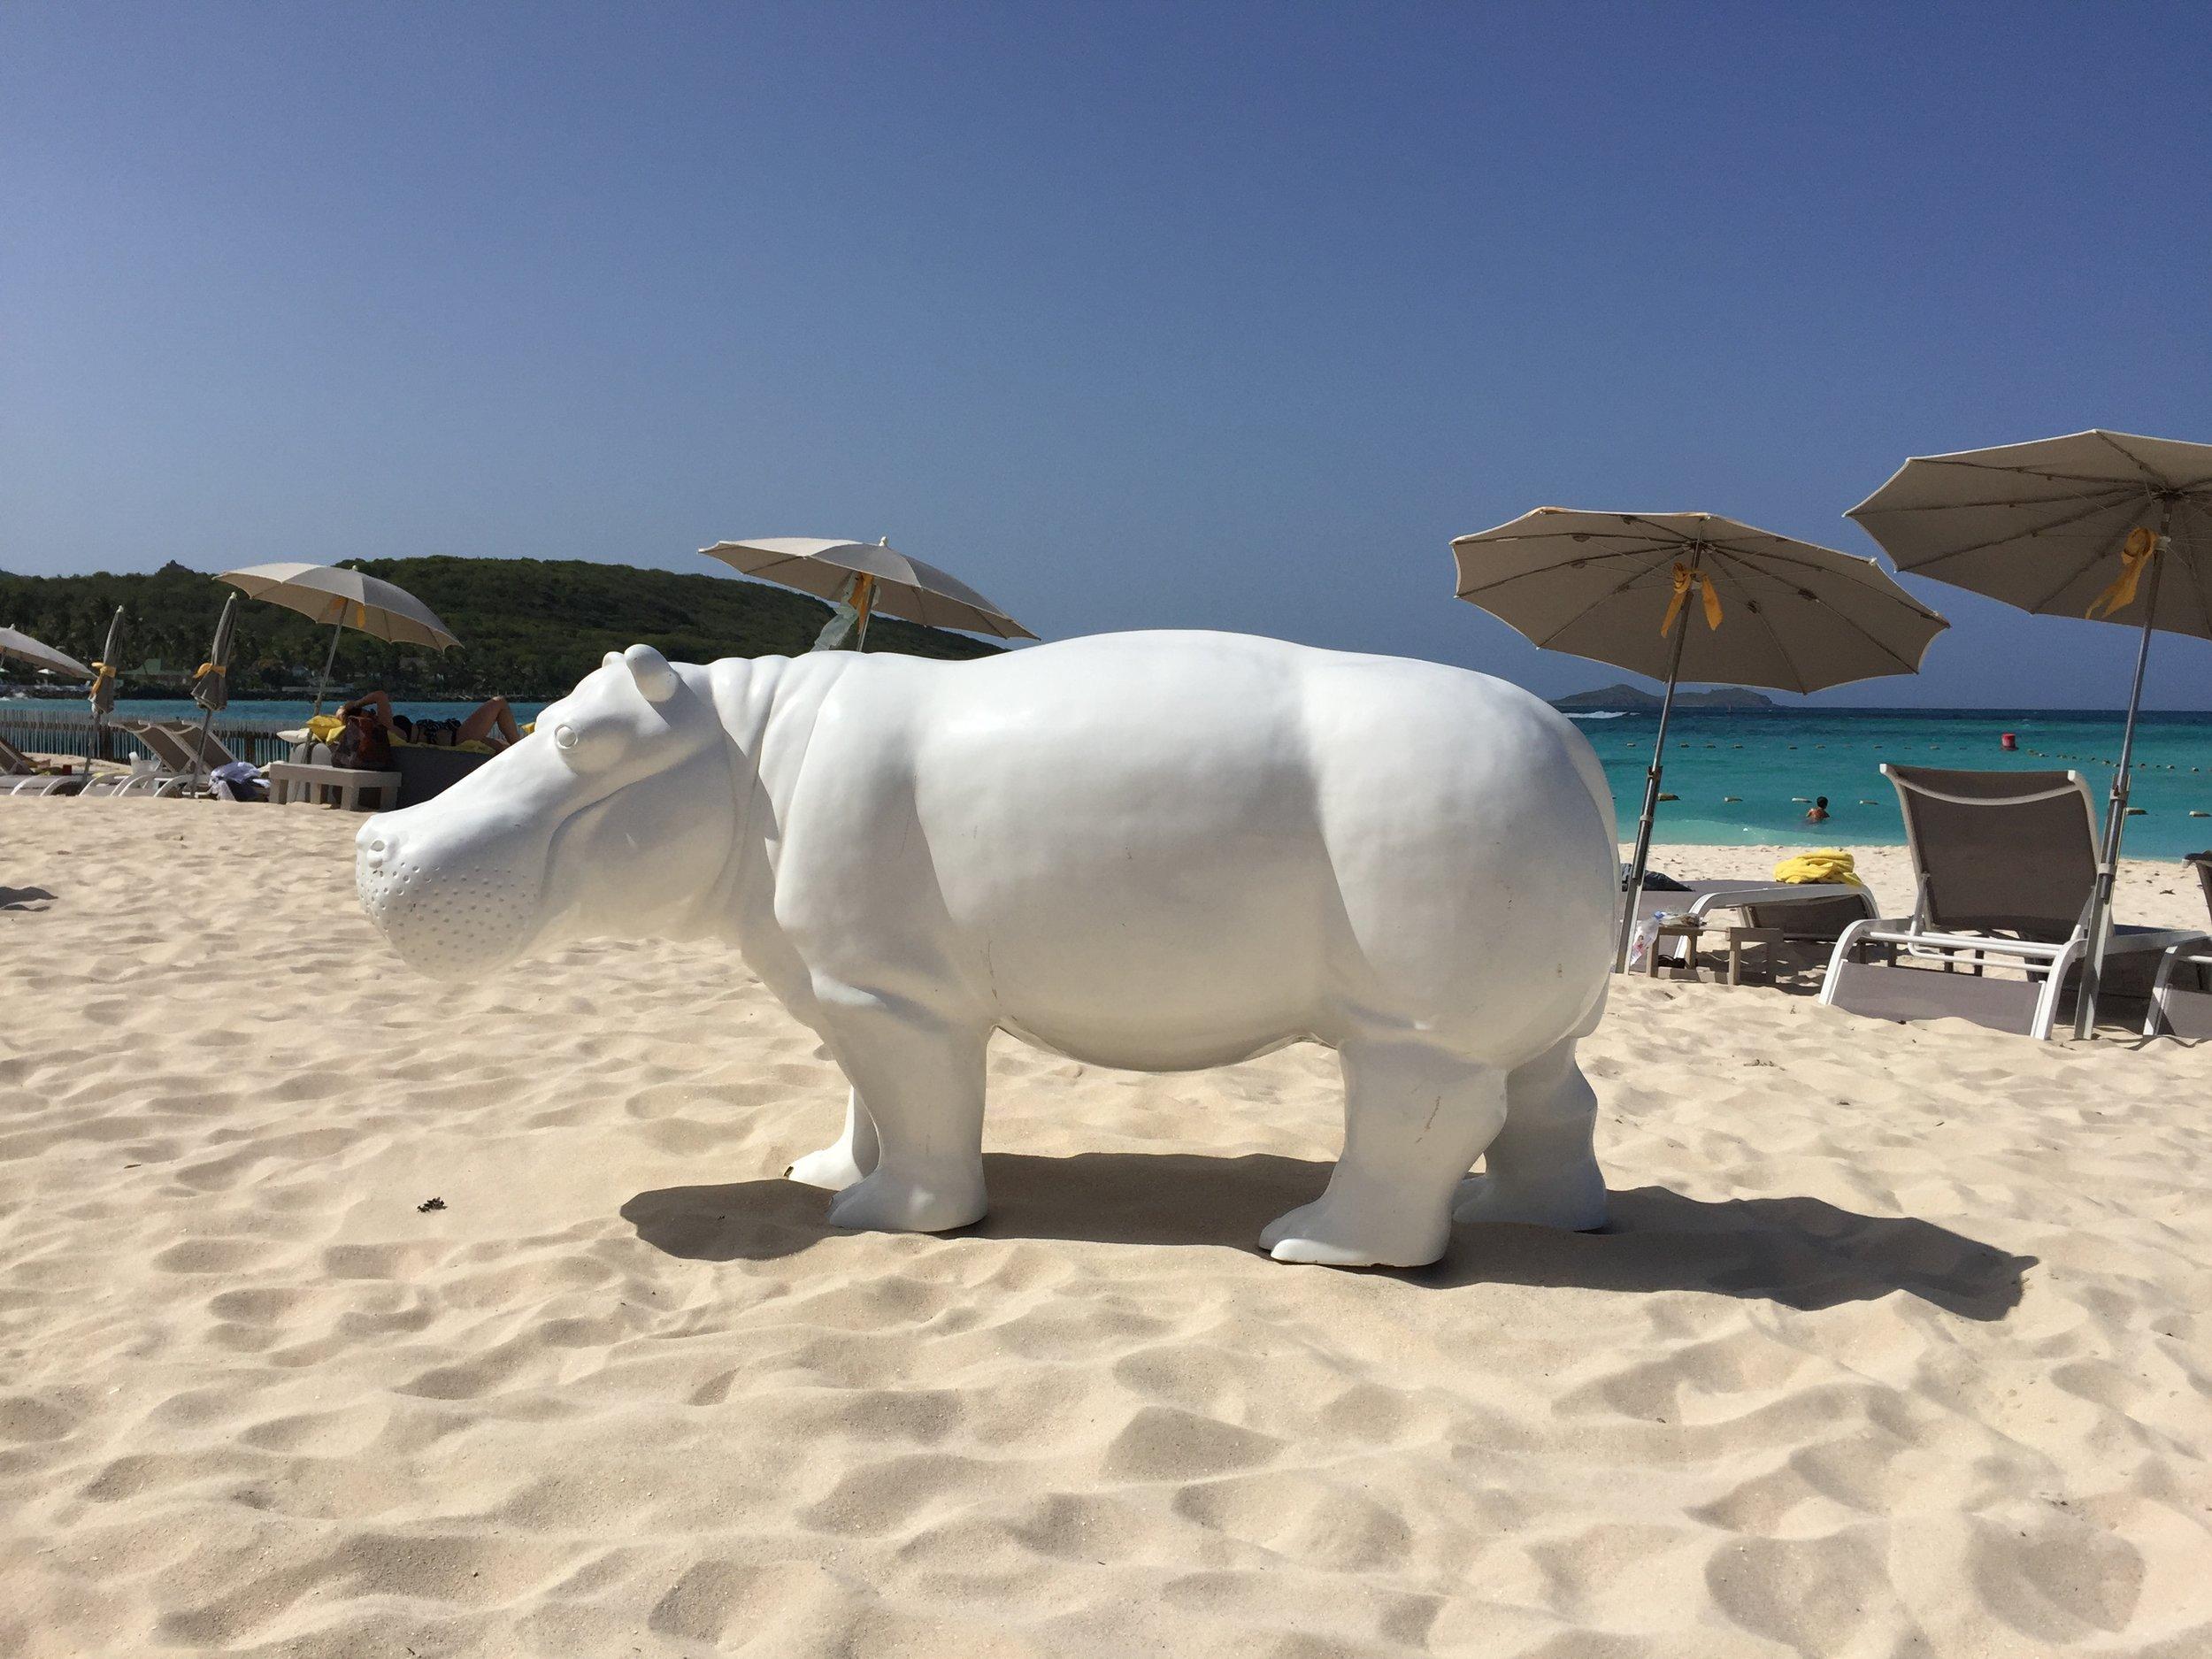 Tom Beach Hotel Hippo by Stephenie Rodriguez